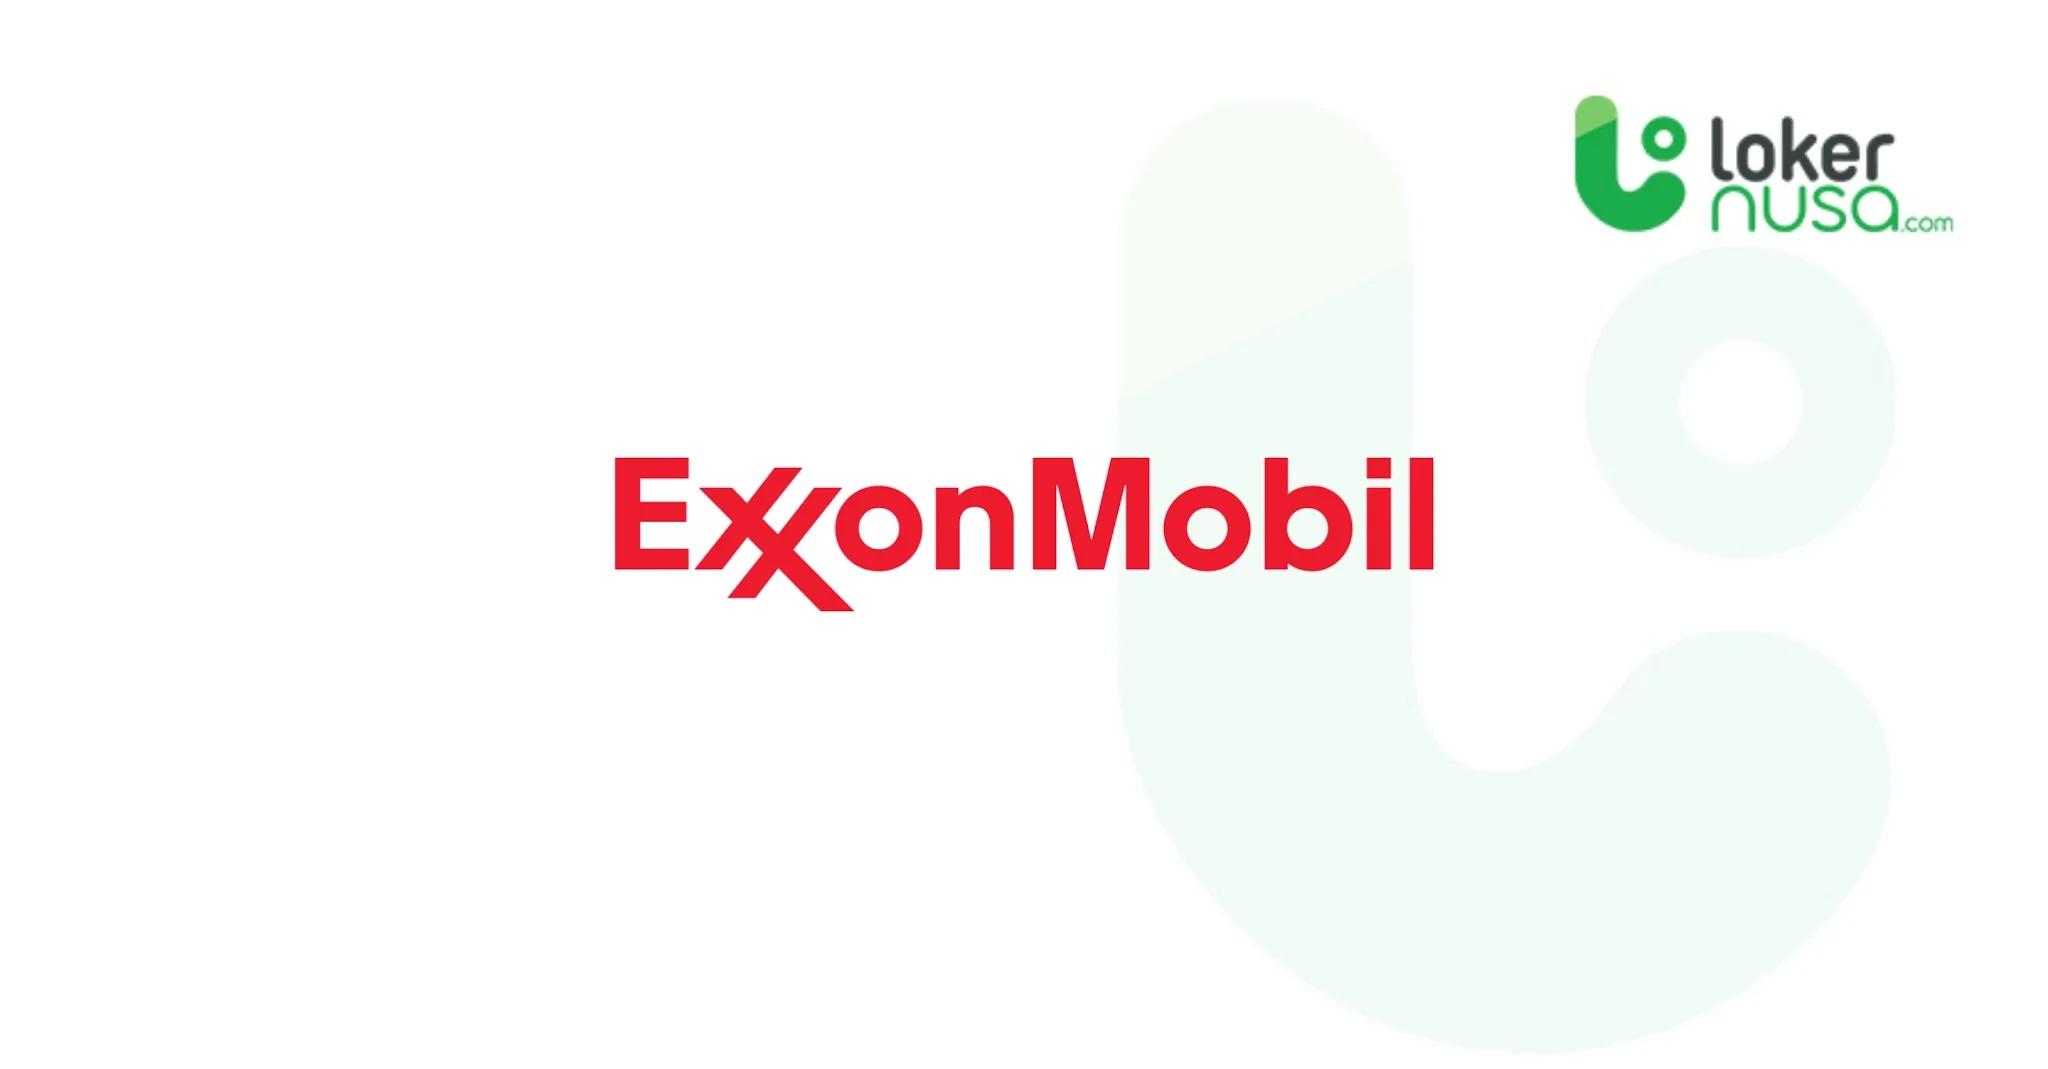 Lowongan Kerja Terbaru Exxon Mobil